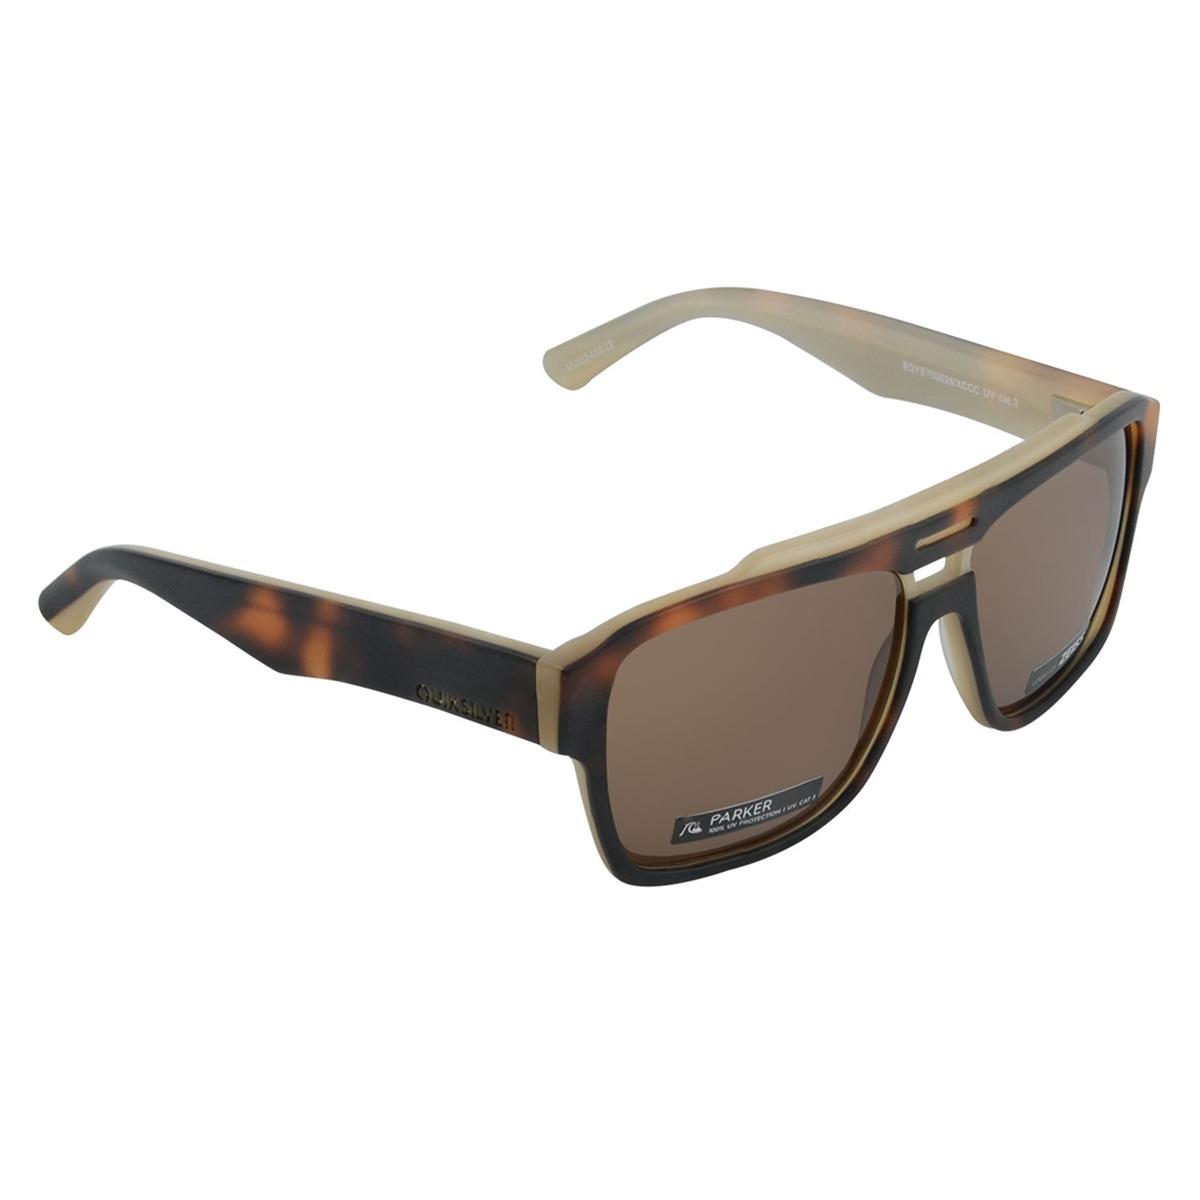 5b41405e52a1 óculos masculino quiksilver parker marrom. Carregando zoom.